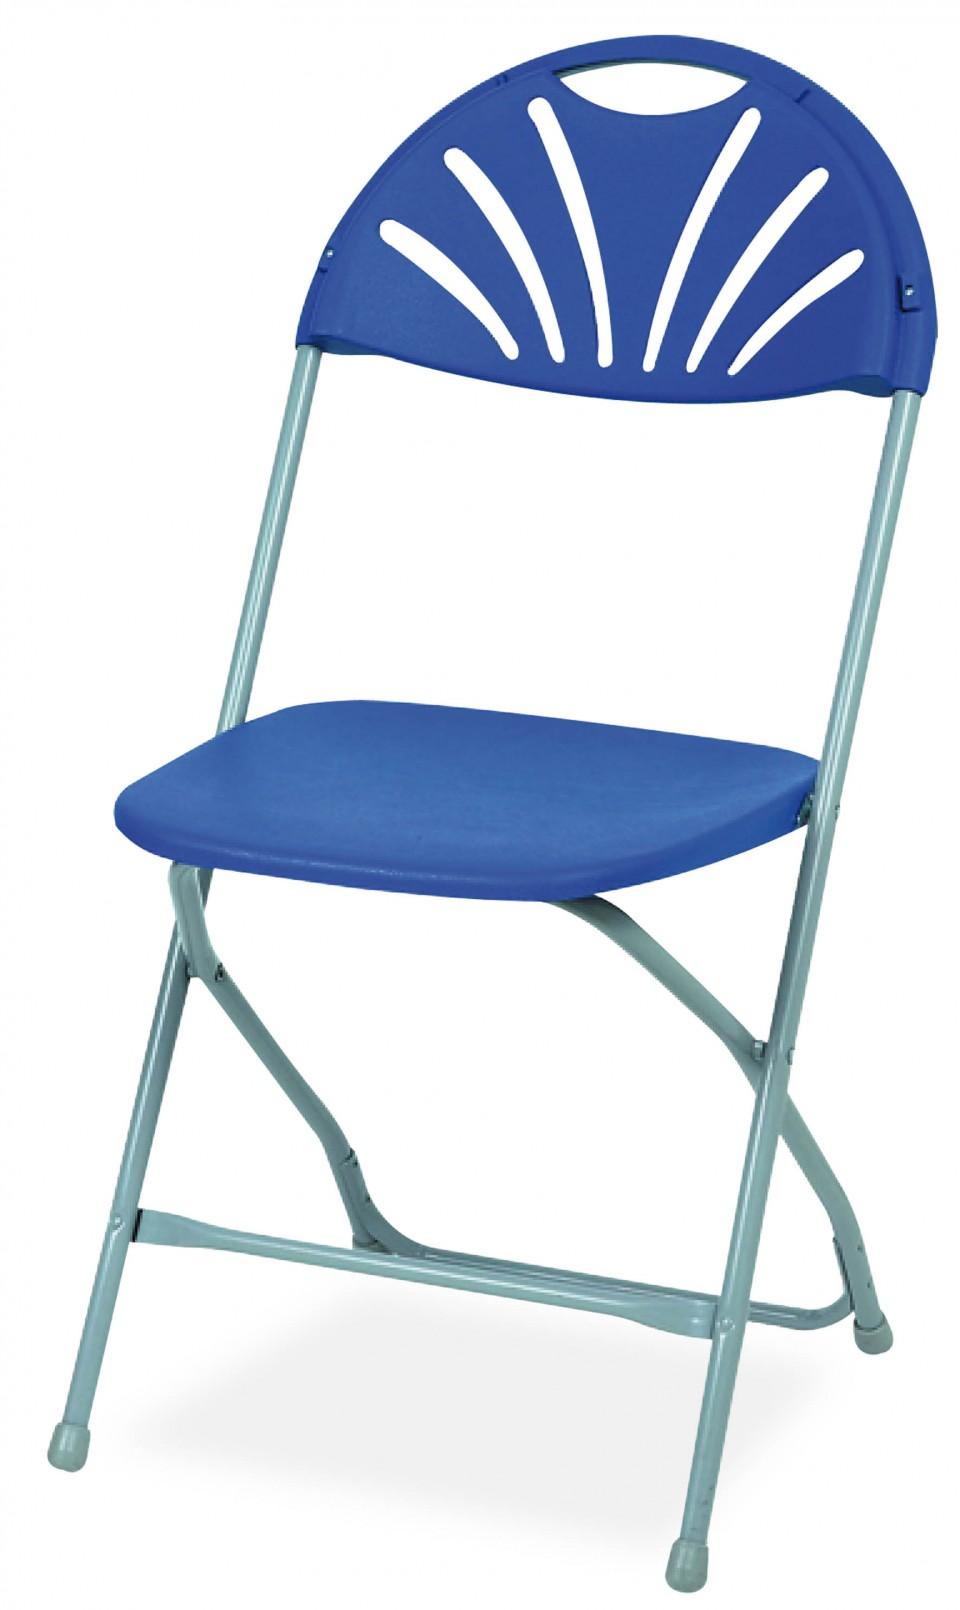 Chaise pliante arabesque achat chaises pliantes 21 00 for Chaise de bureau pliante